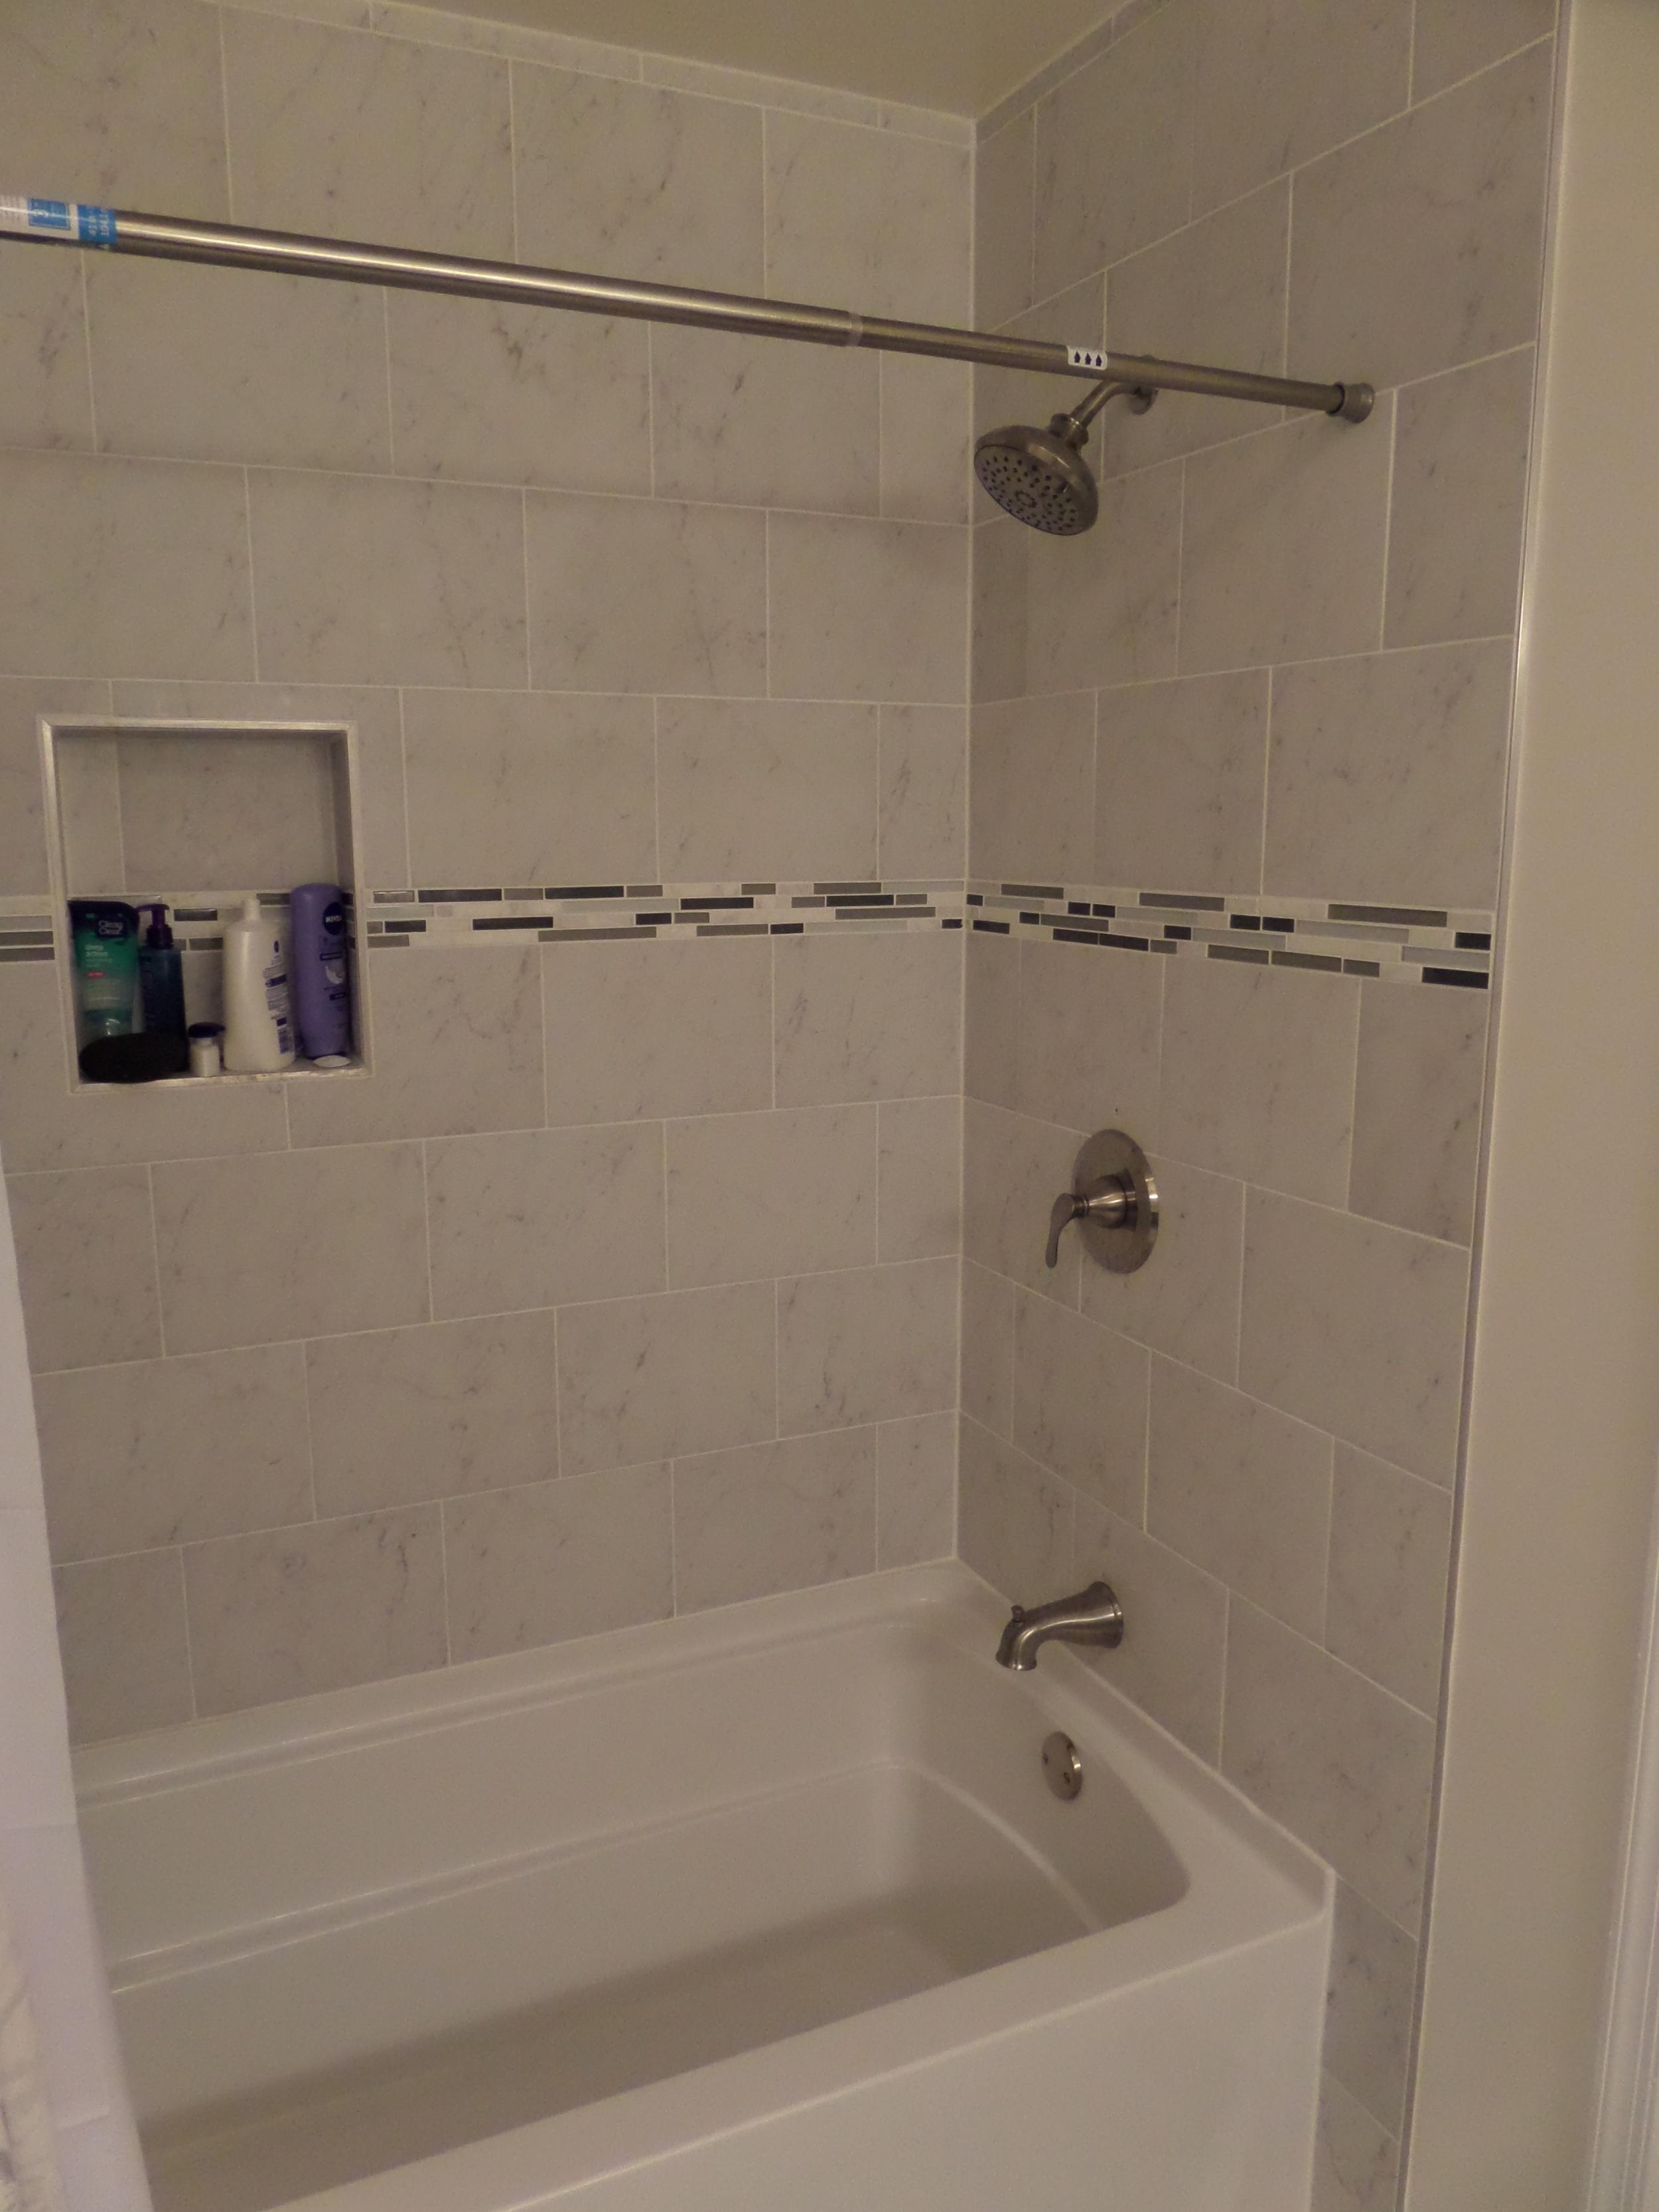 pallisade bath after (6).JPG